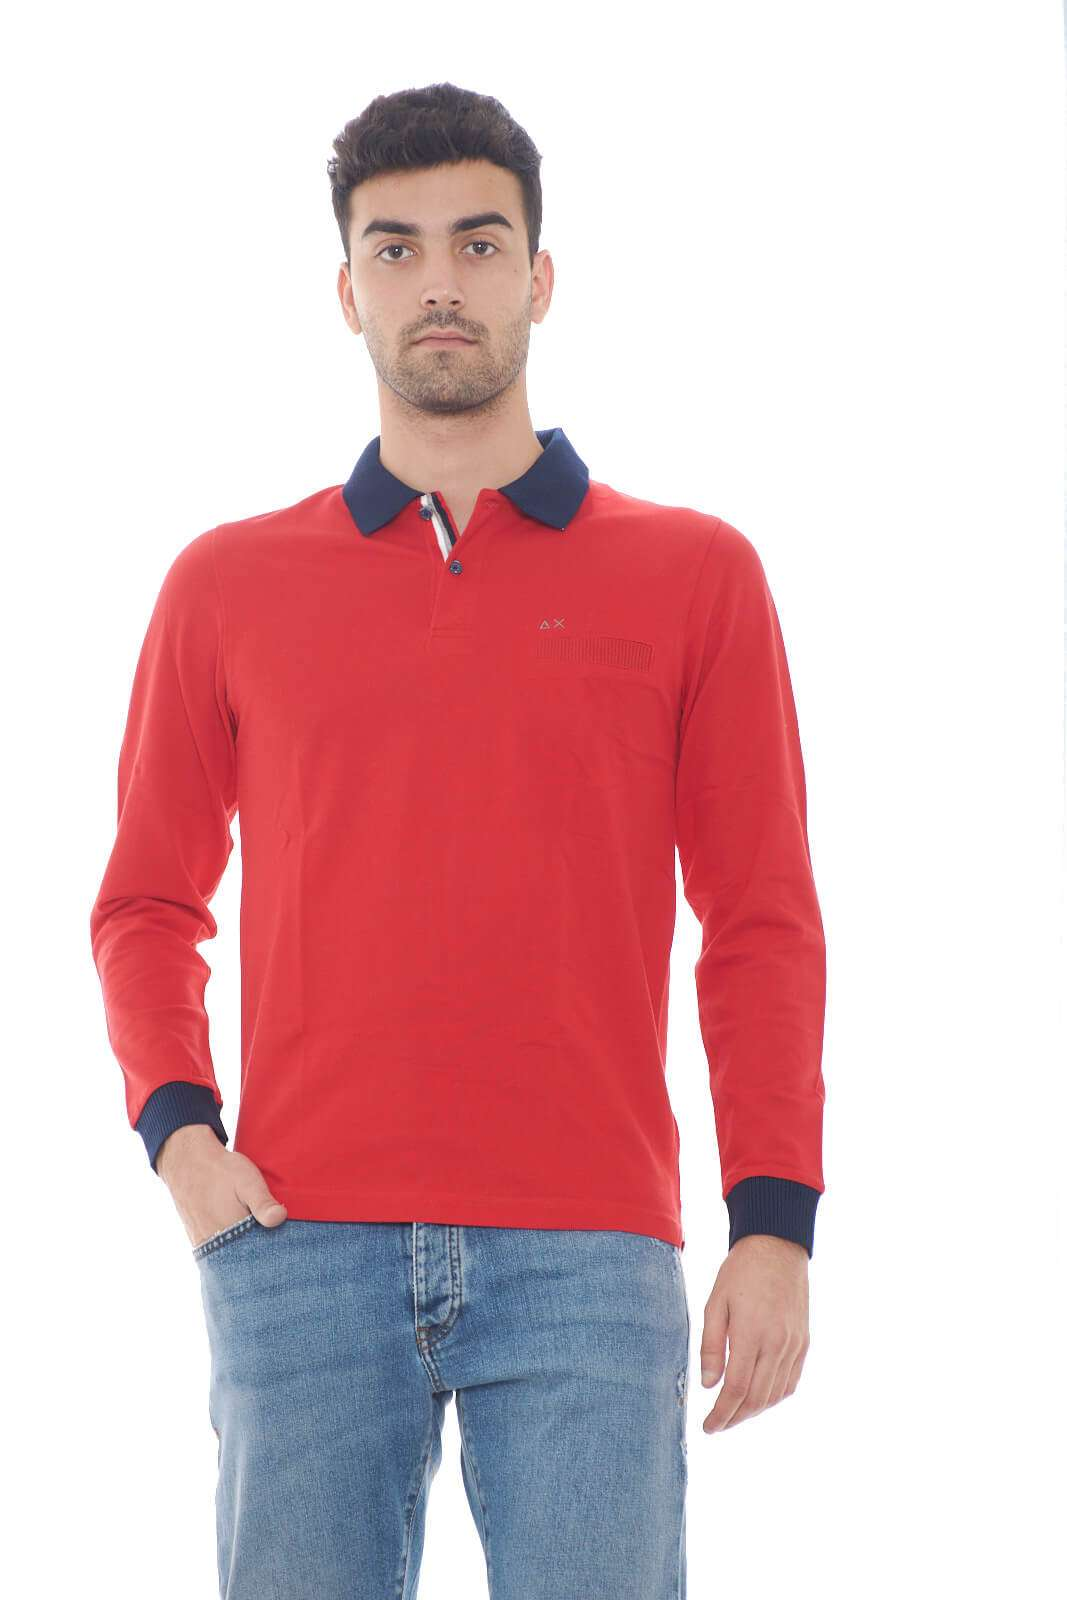 Una polo dal look pratico, perfetto per outfit quotidiani curati e casual. Facile da abbinare ad un semplice jeans, consentirà di sfoggiare uno stile semplice e senza eccessi. Il modello è alto 1,80m e indossa la taglia M.